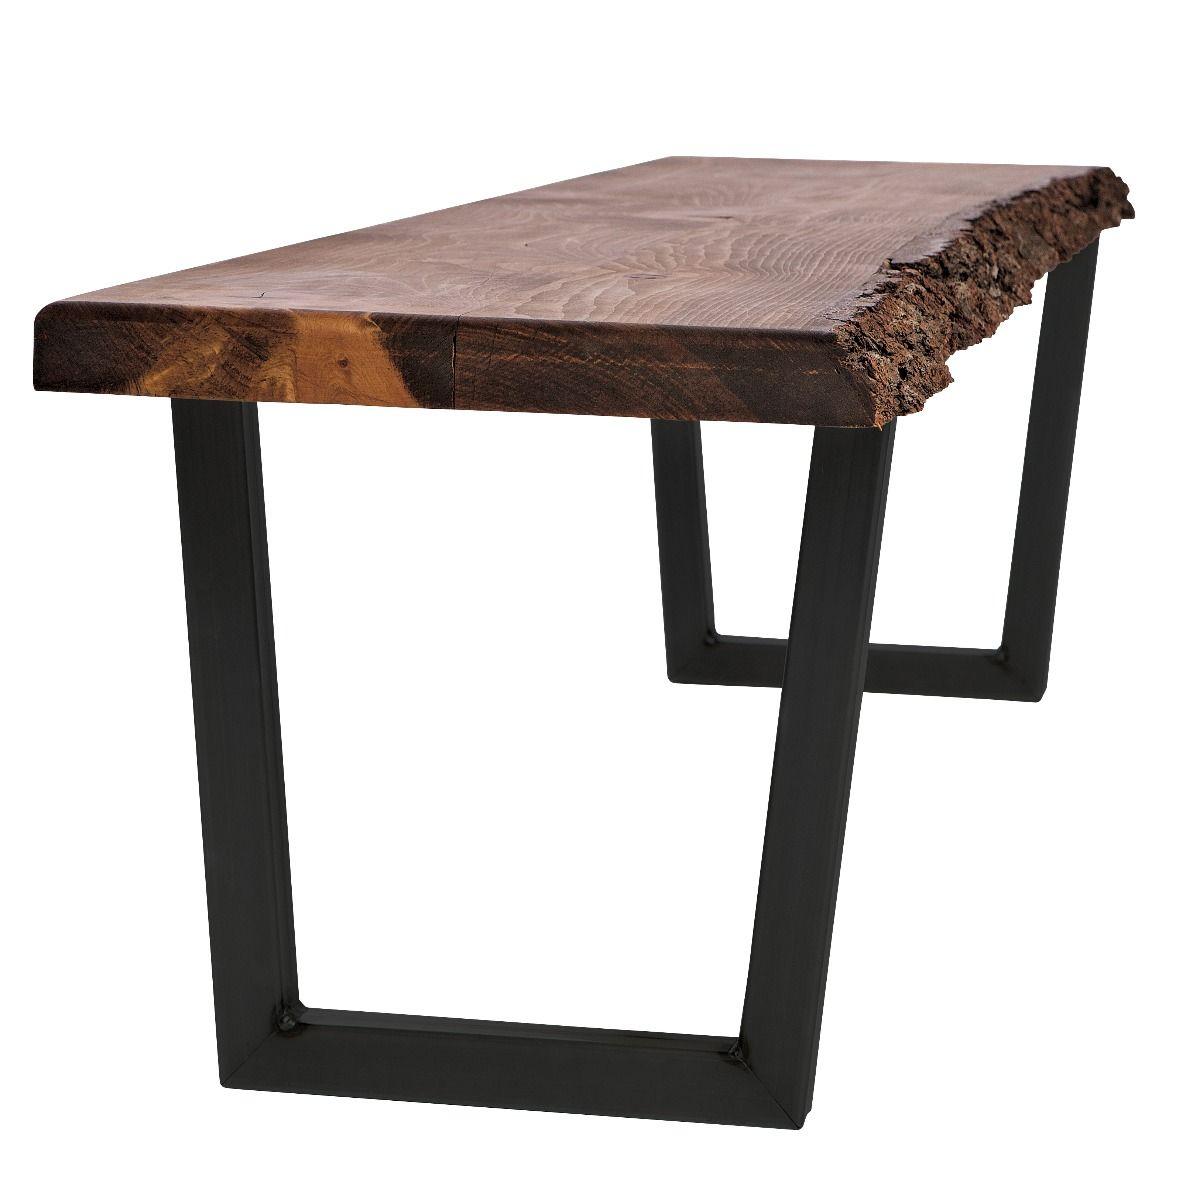 V Shaped Welded Steel Table Leg Set Rockler